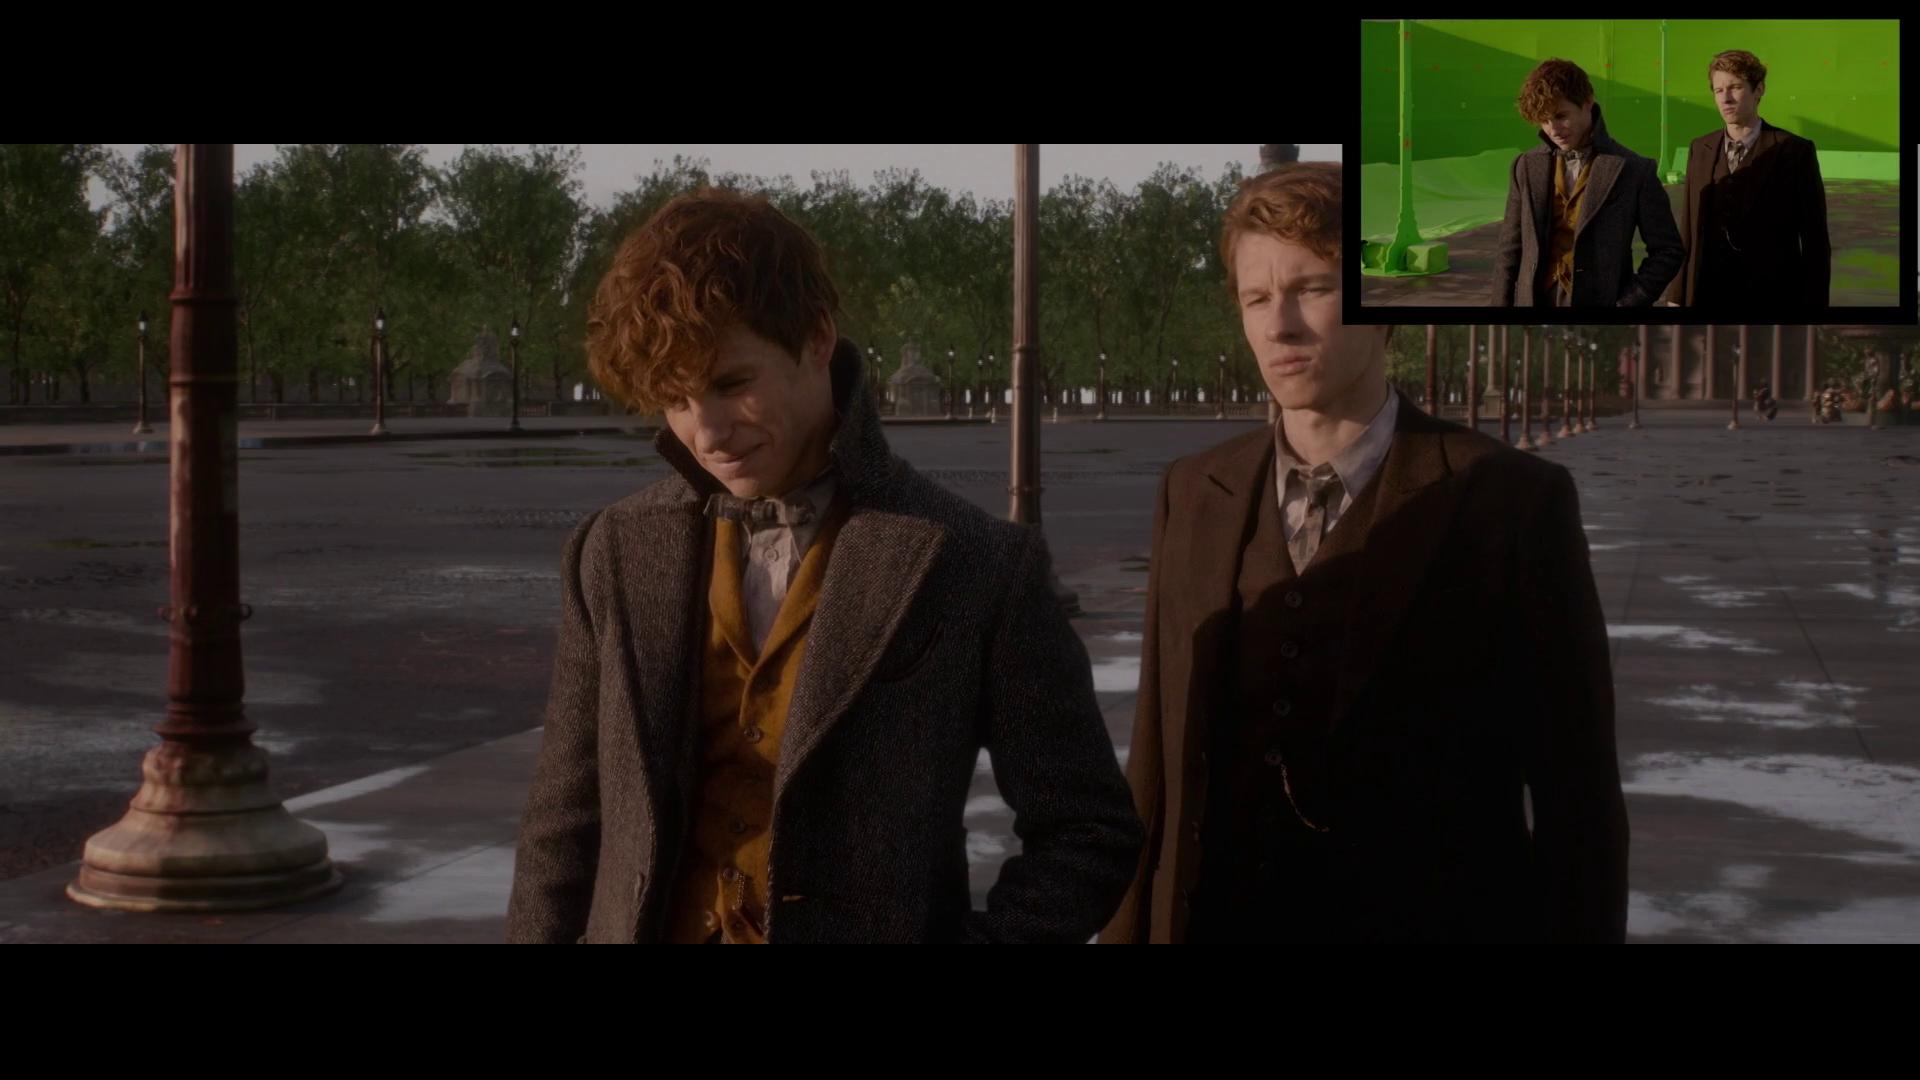 Newt e Teseu observam a conversa de longe.